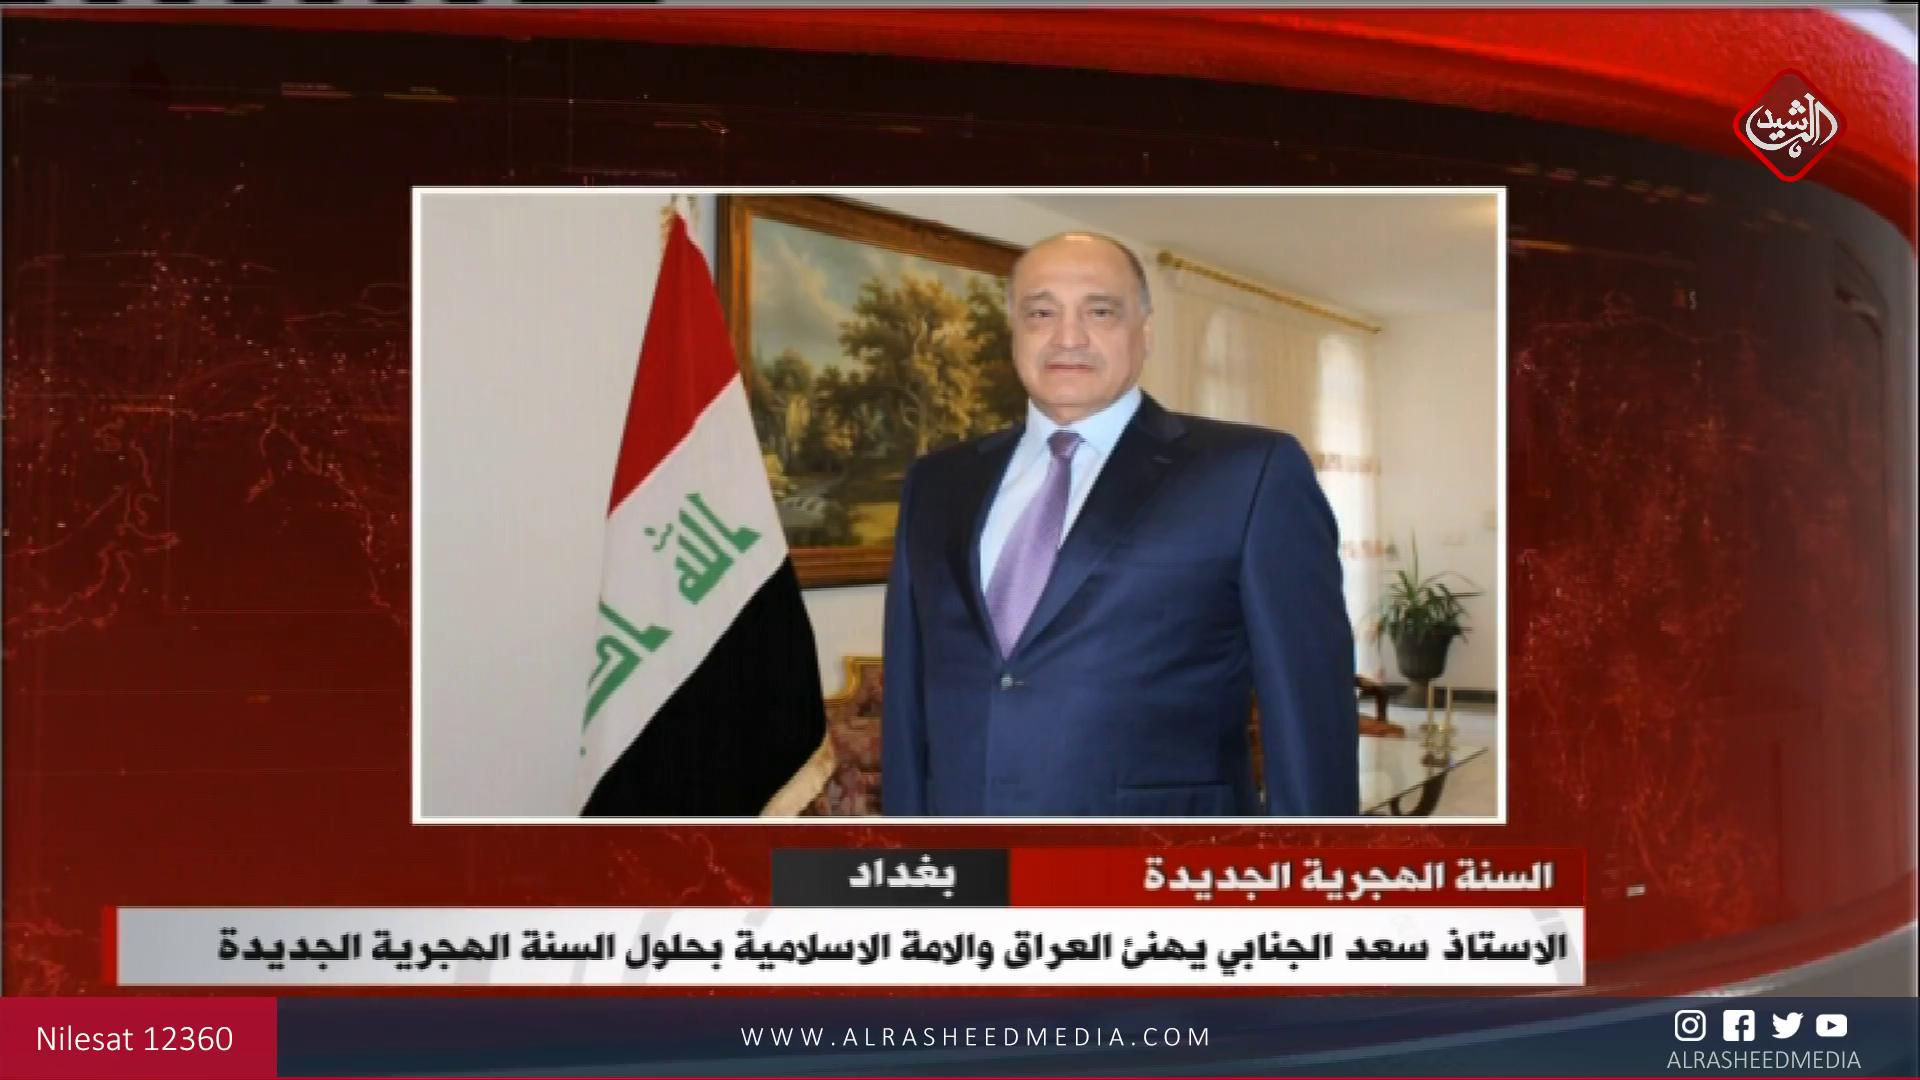 الاستاذ سعد الجنابي يهنئ العراق والامة الاسلامية بحلول السنة الهجرية الجديدة